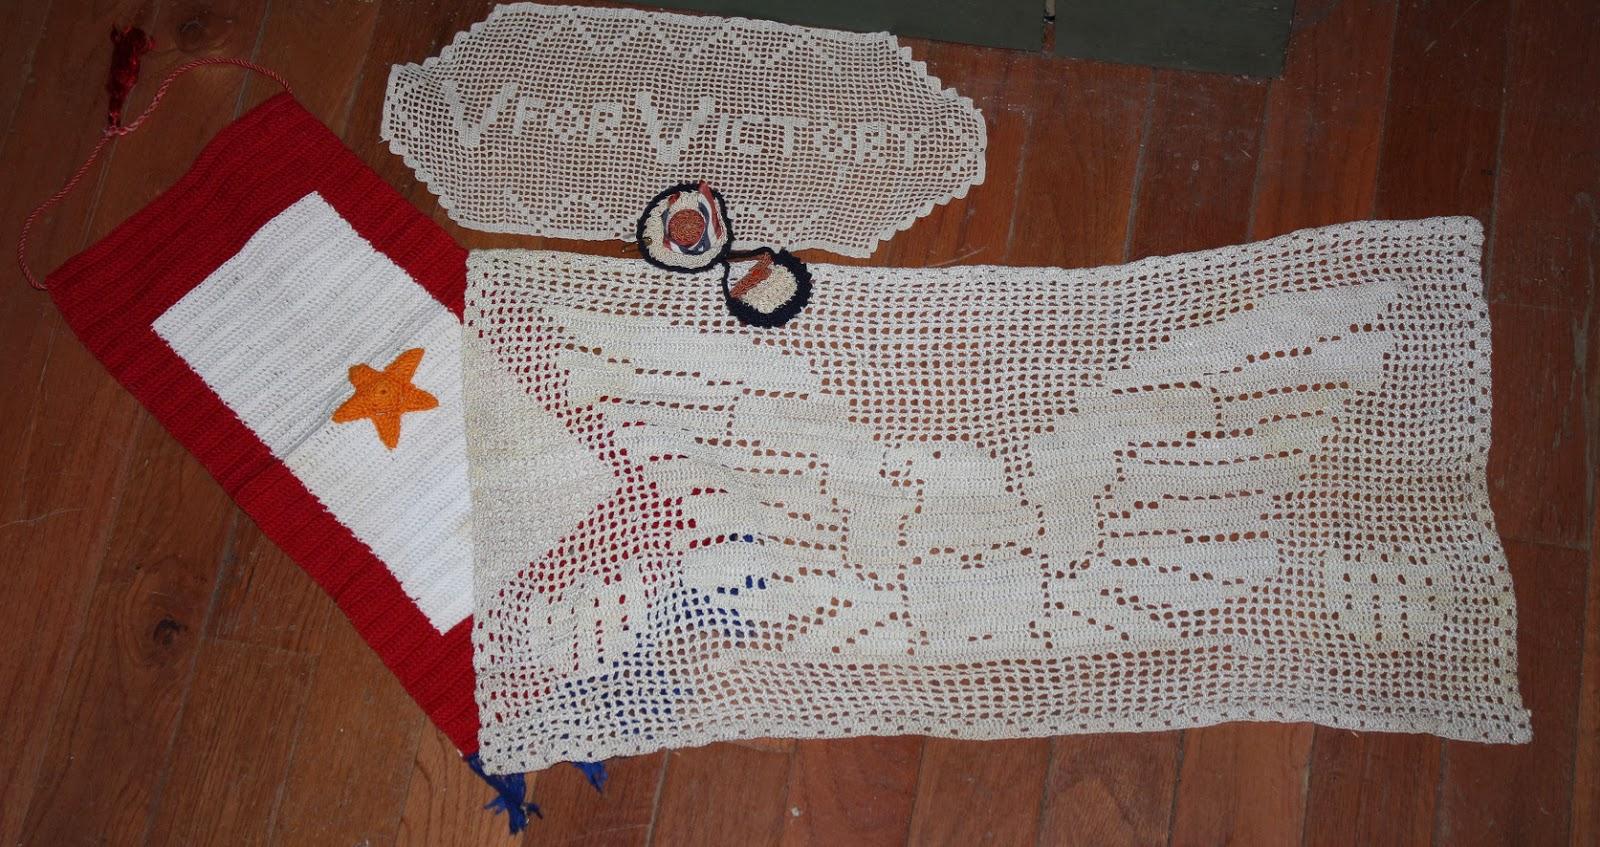 abc0038c895c Guest Blogger Part 2  Karen Ballard - World War II Crocheting with ...